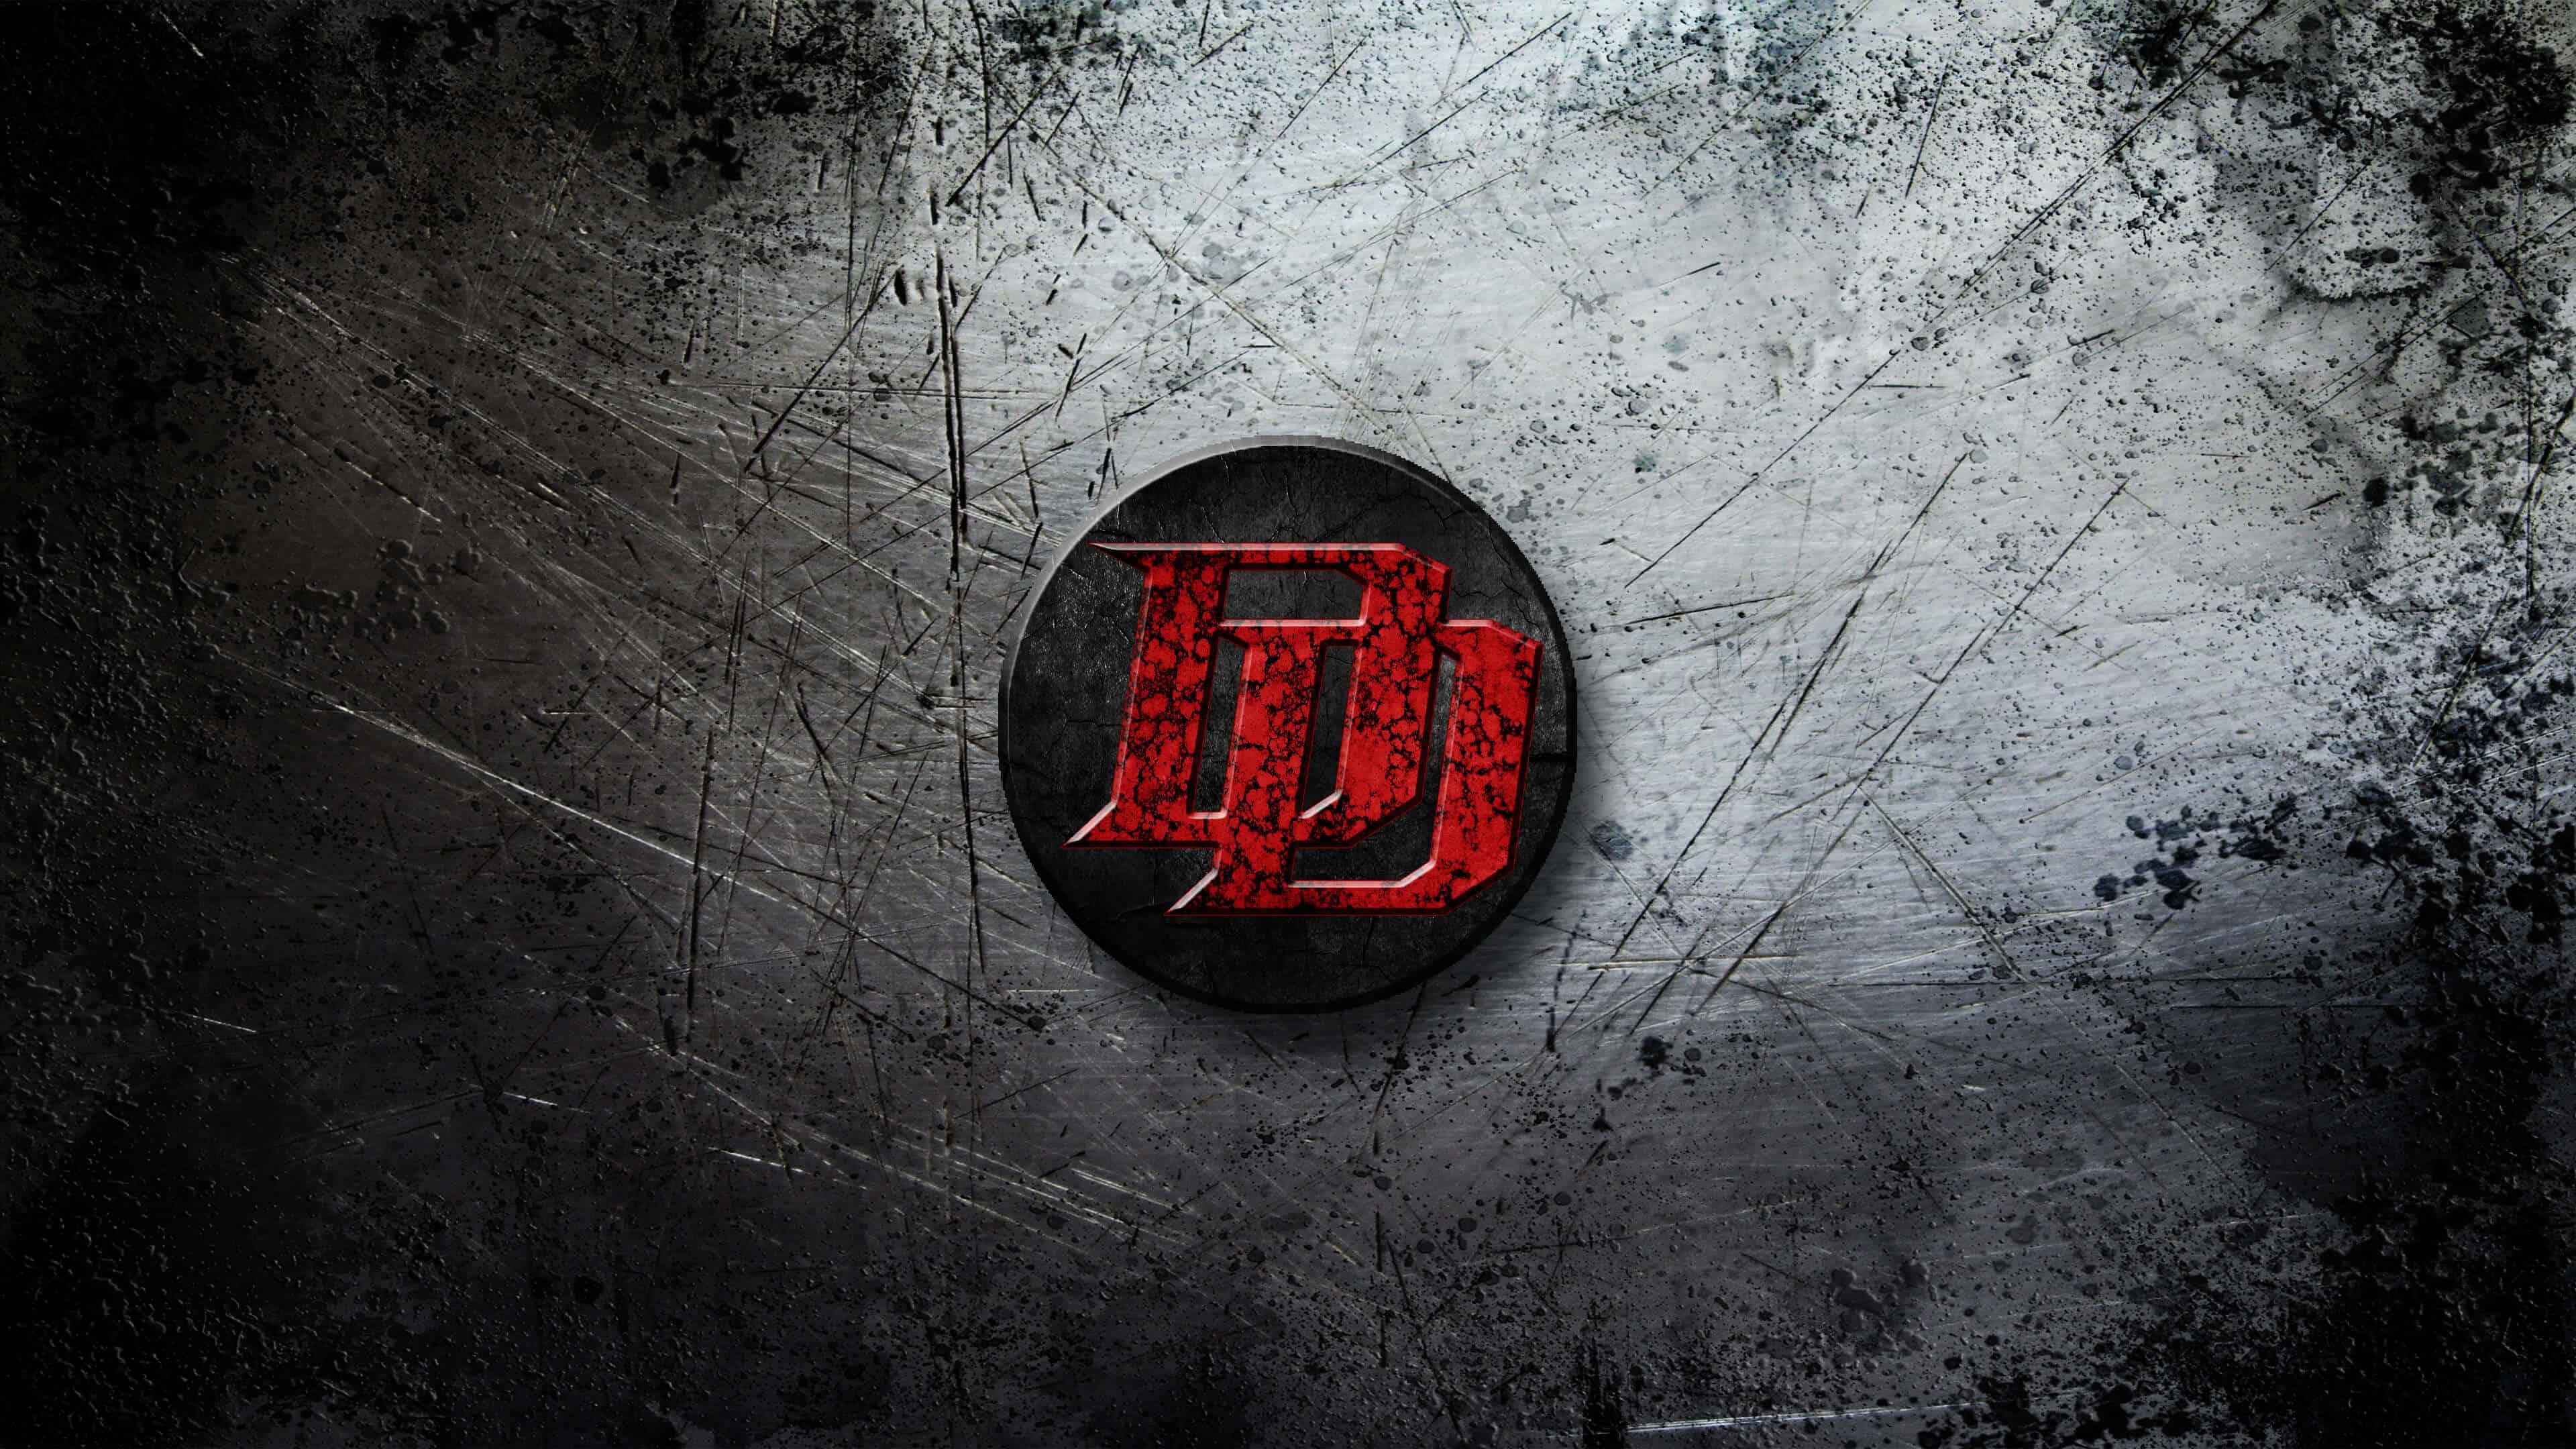 daredevil logo uhd 4k wallpaper